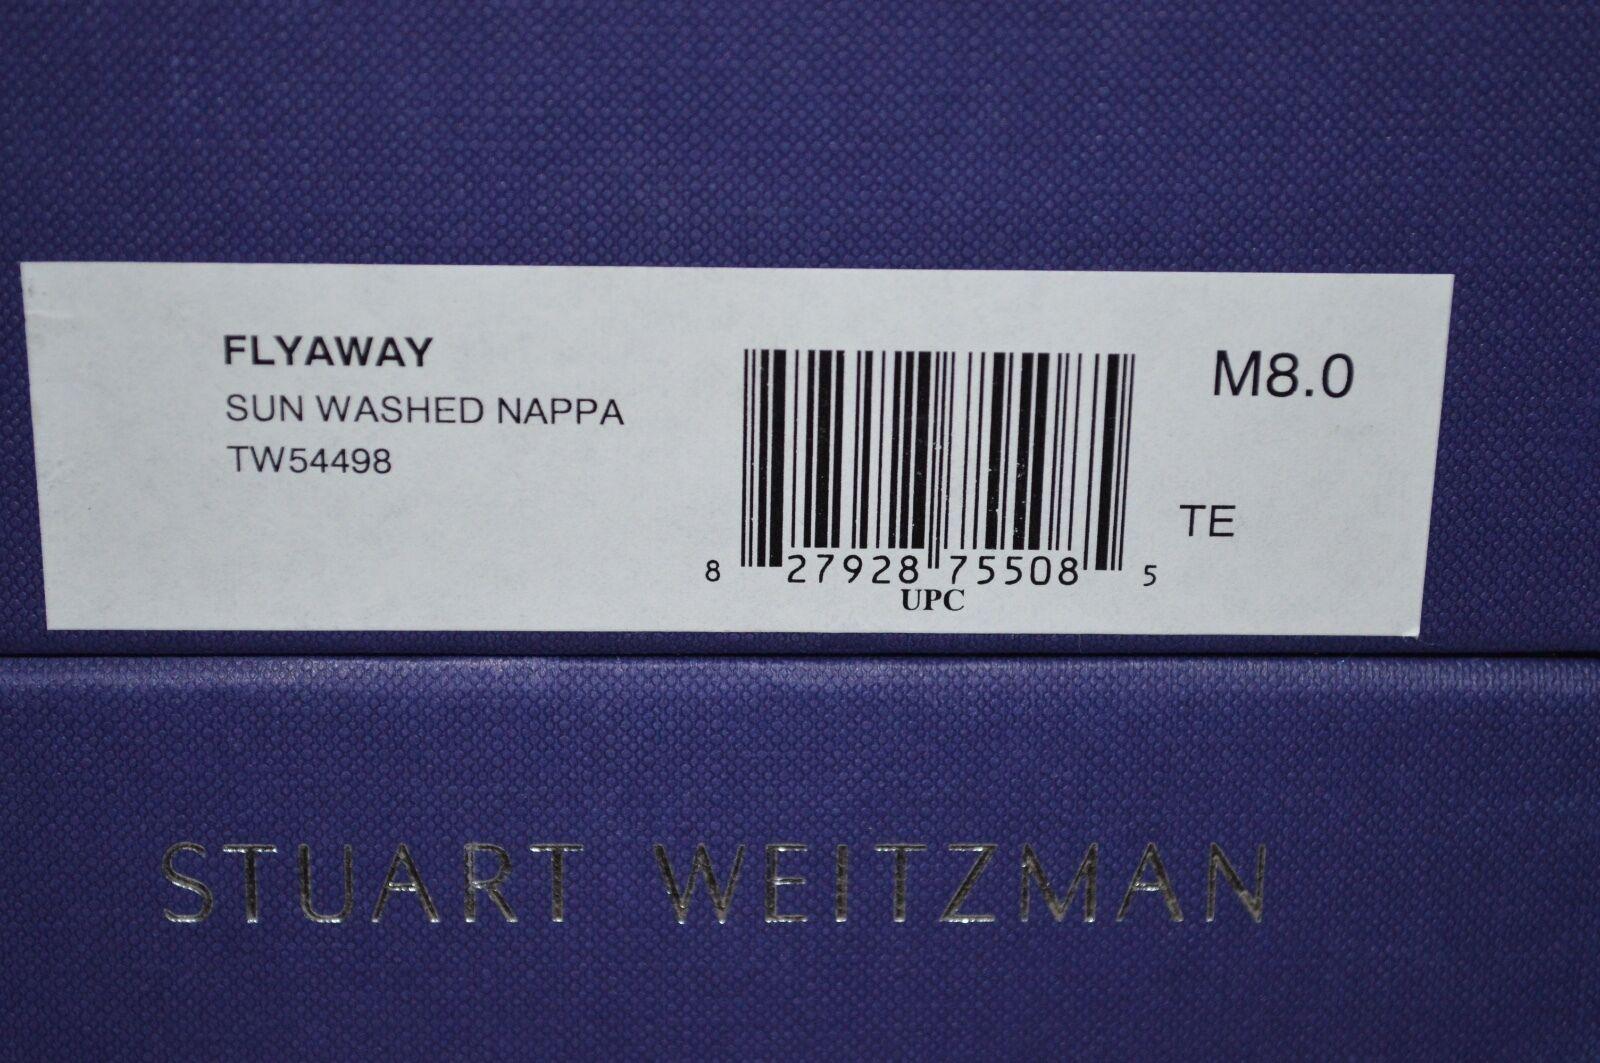 Nuevo  398 Stuart Weitzman sostienen Fly Away Sun lavado lavado lavado Napa Sandalia Talla 8.5 3ed44e